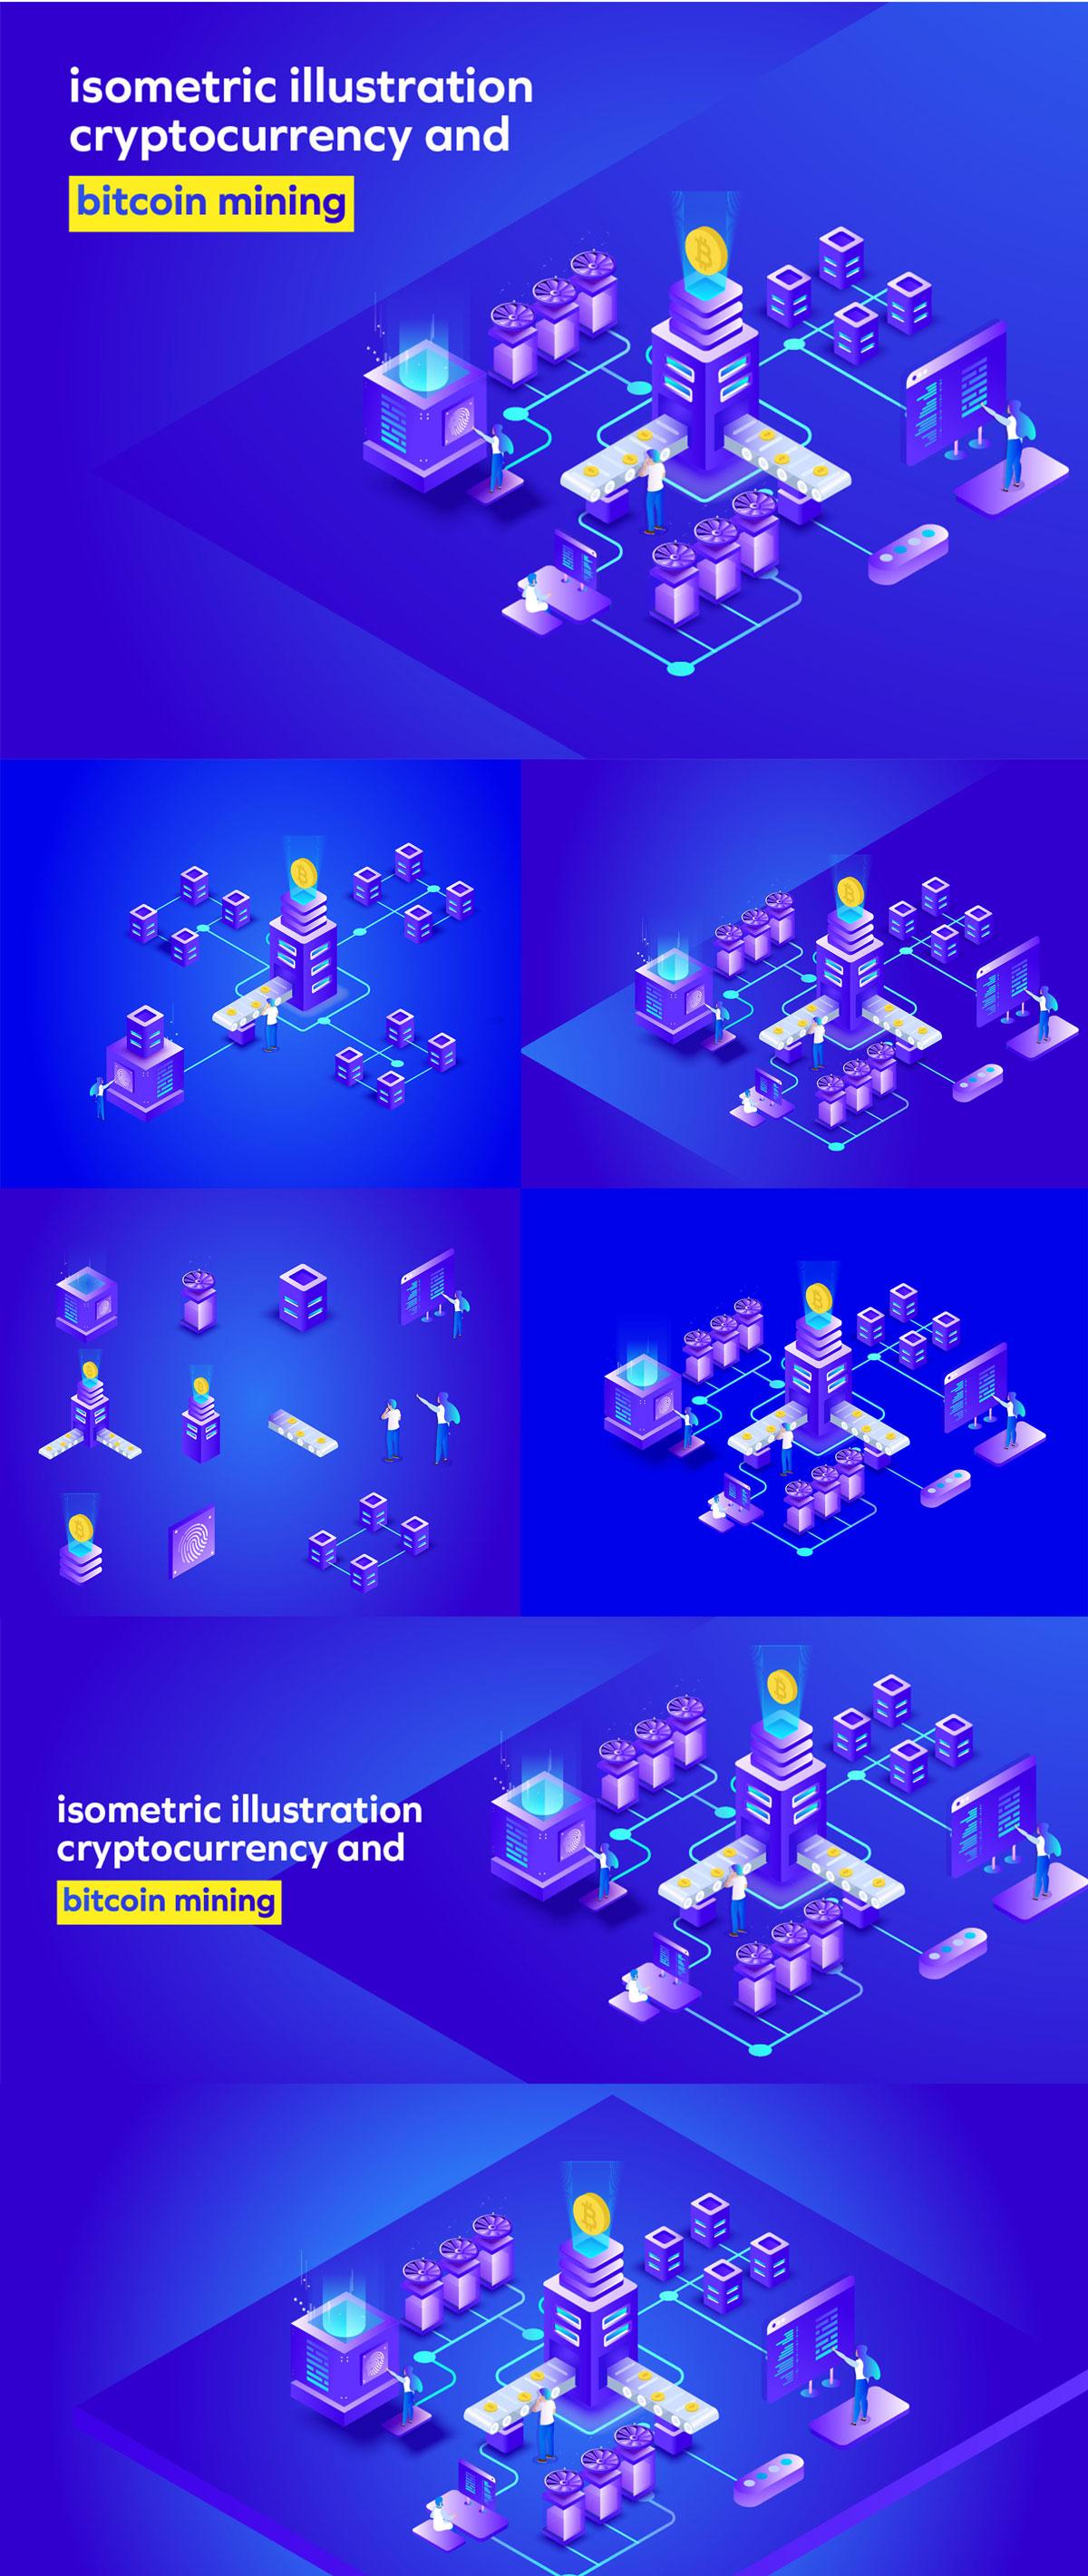 比特币/加密货币采矿等距矢量概念插画 Bitcoin Mining Isometric Illustration插图(1)